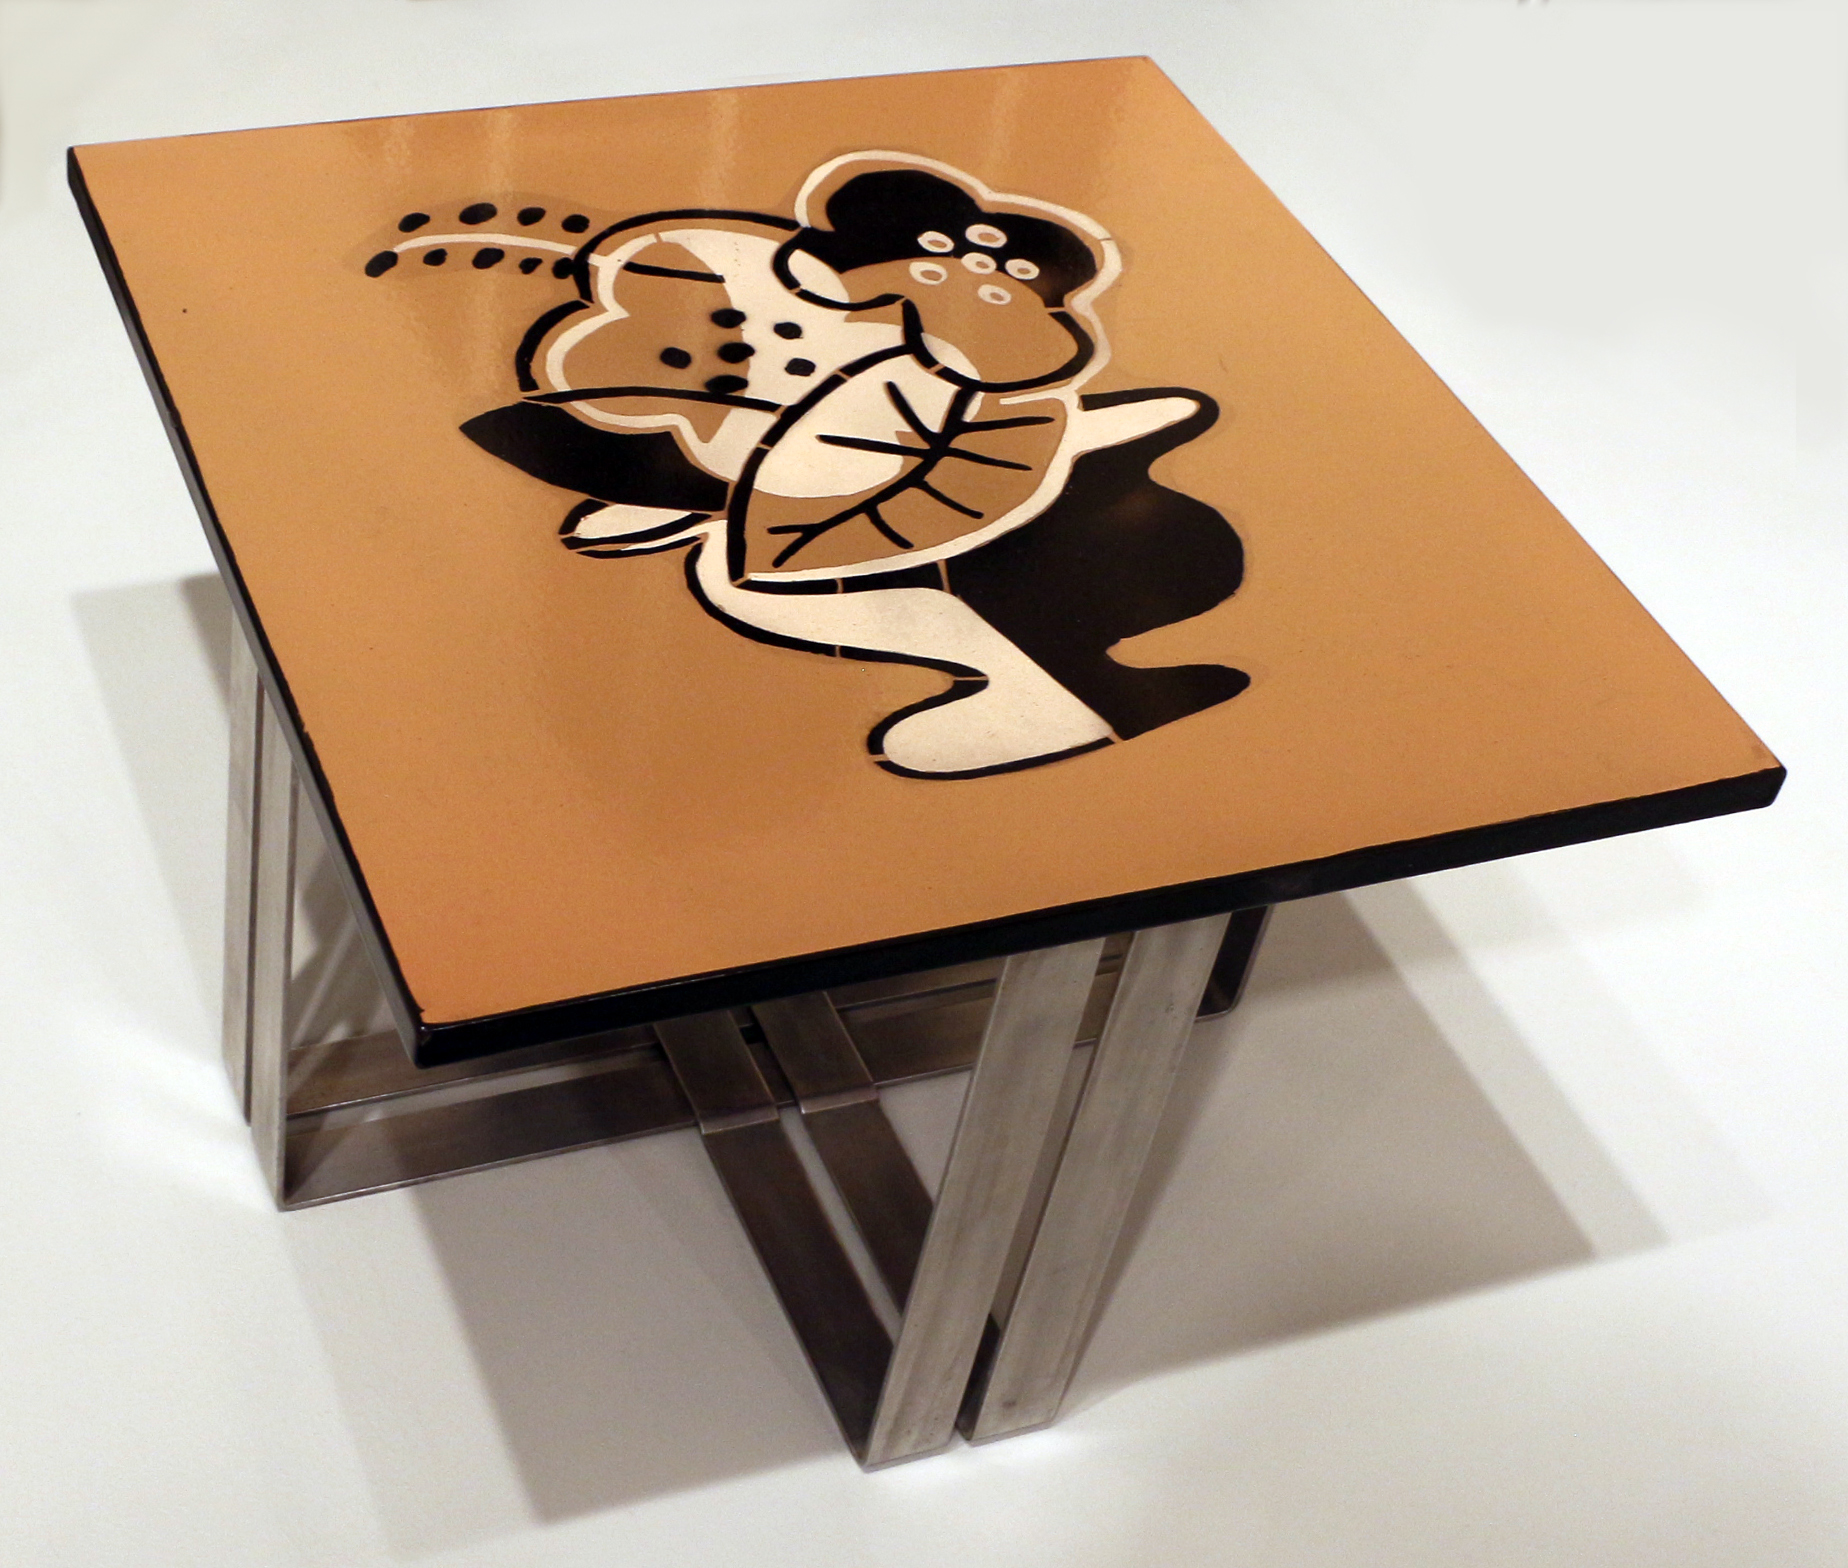 File:Donald Deskey Per Ypsilanti Reed Furniture Company, Tavolino, Ionia MI  1928 Ca